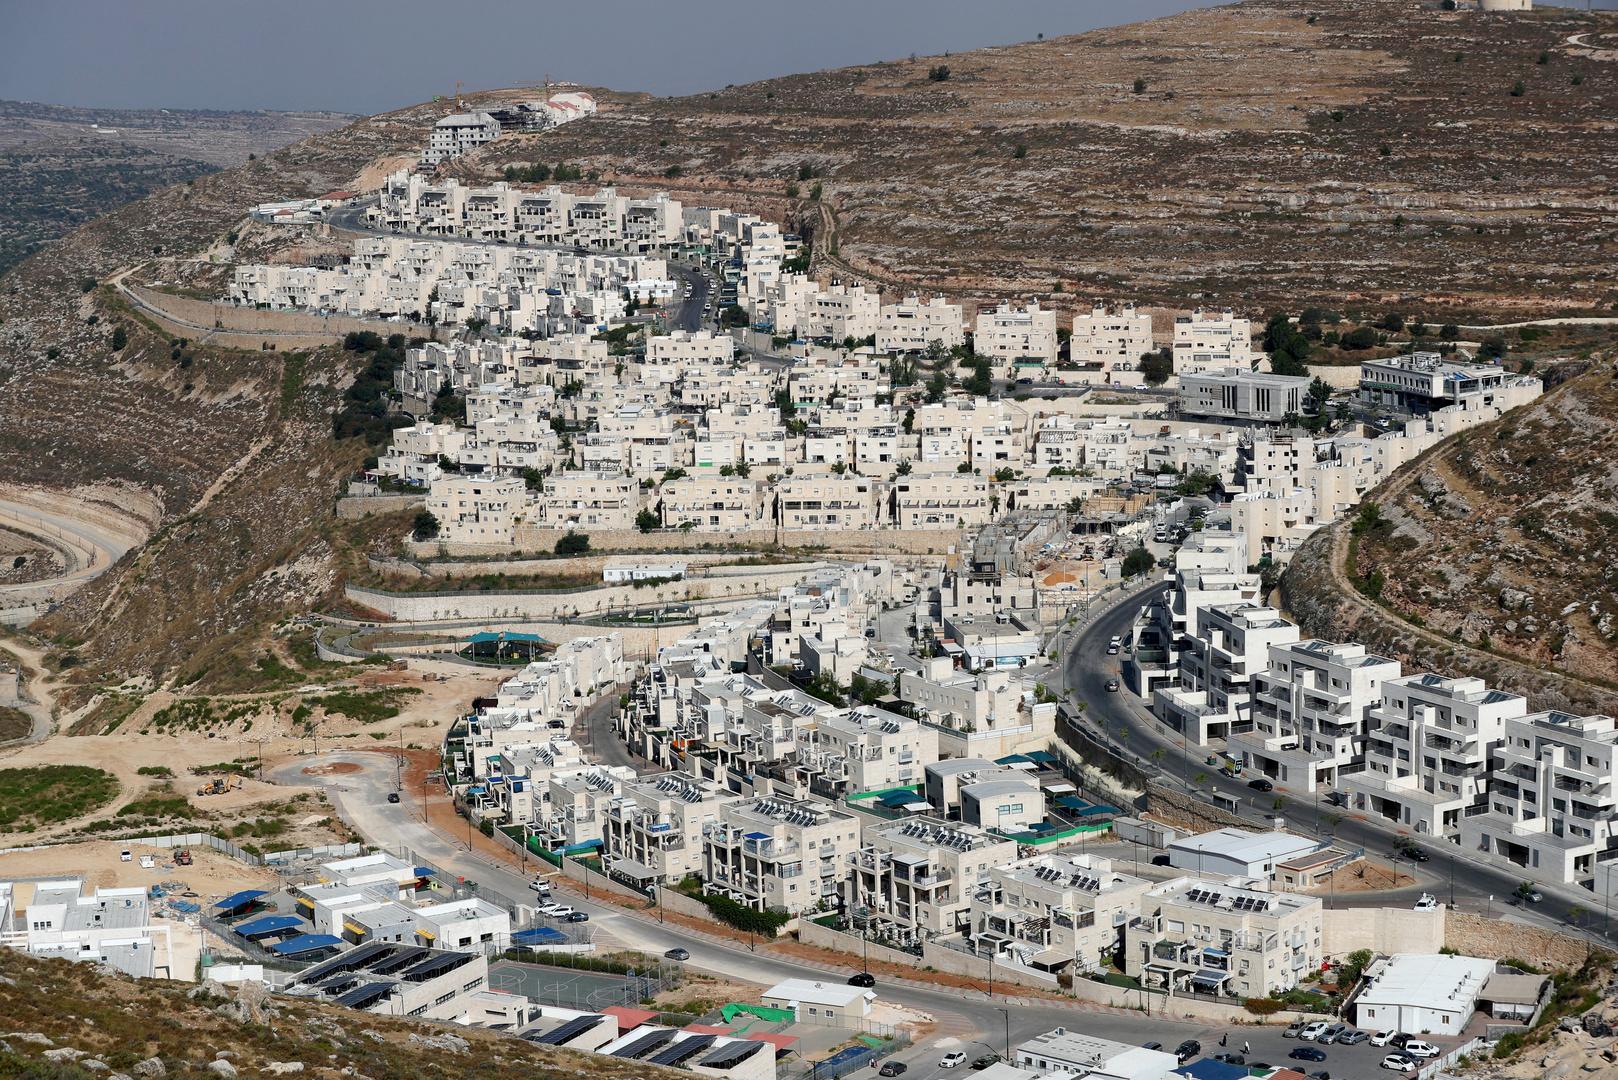 الخارجية الفلسطينية: نطالب المجتمع الدولي بتحمل مسؤولياته تجاه جريمة هدم إسرائيل للمنازل والمنشآت